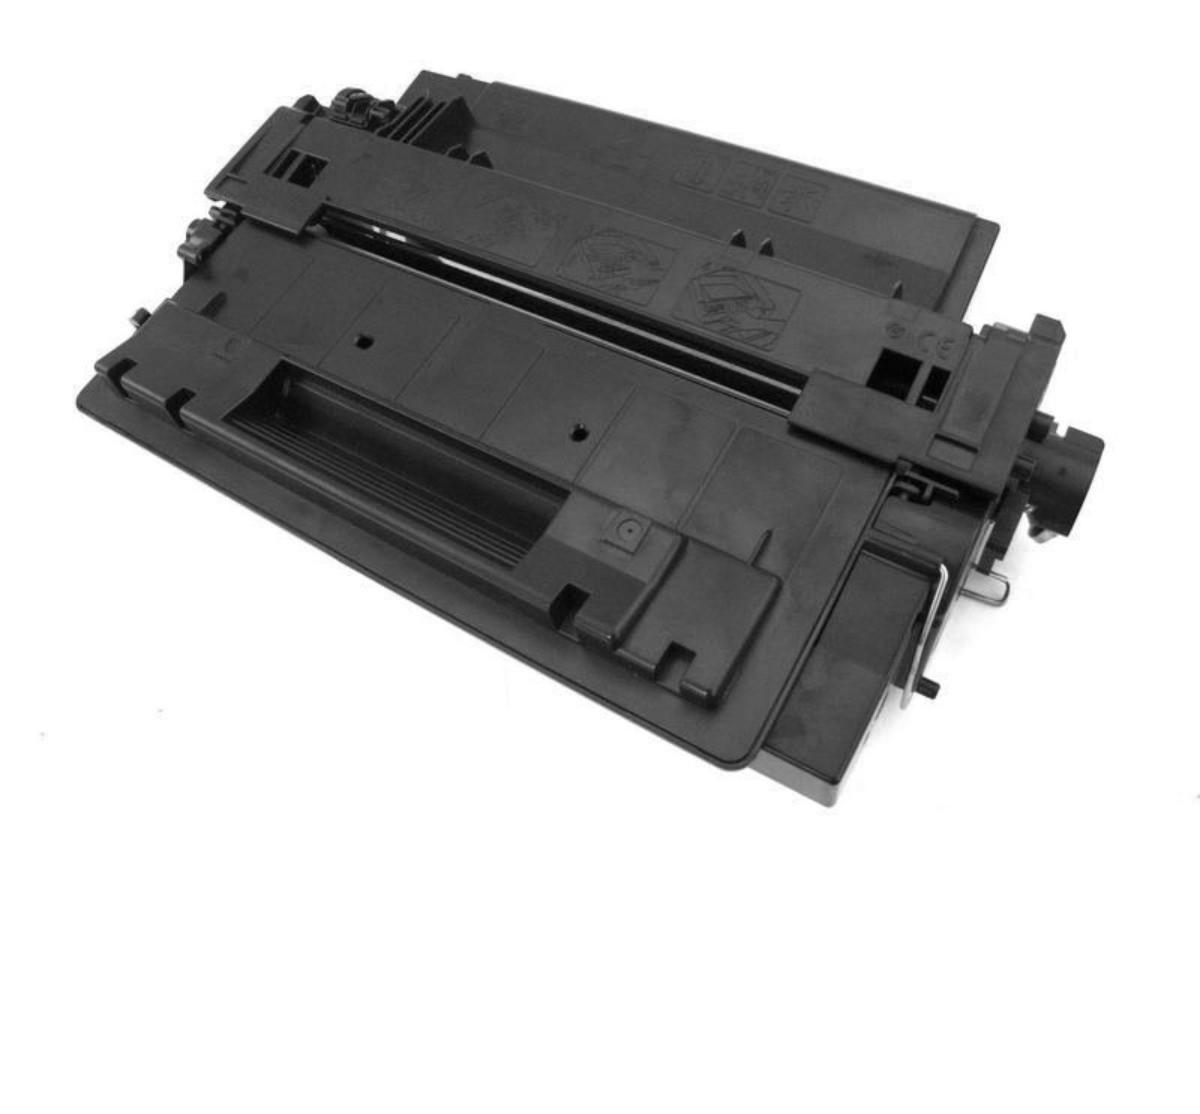 TONER HP CE255X COMPATÍVEL PREMIUM - Rendimento de até 10.000 páginas P-3015, P-3015N, P-3015D, P-3015DN, P-3015X, M-525F 525, M521DN M-521DN M521 M-521.